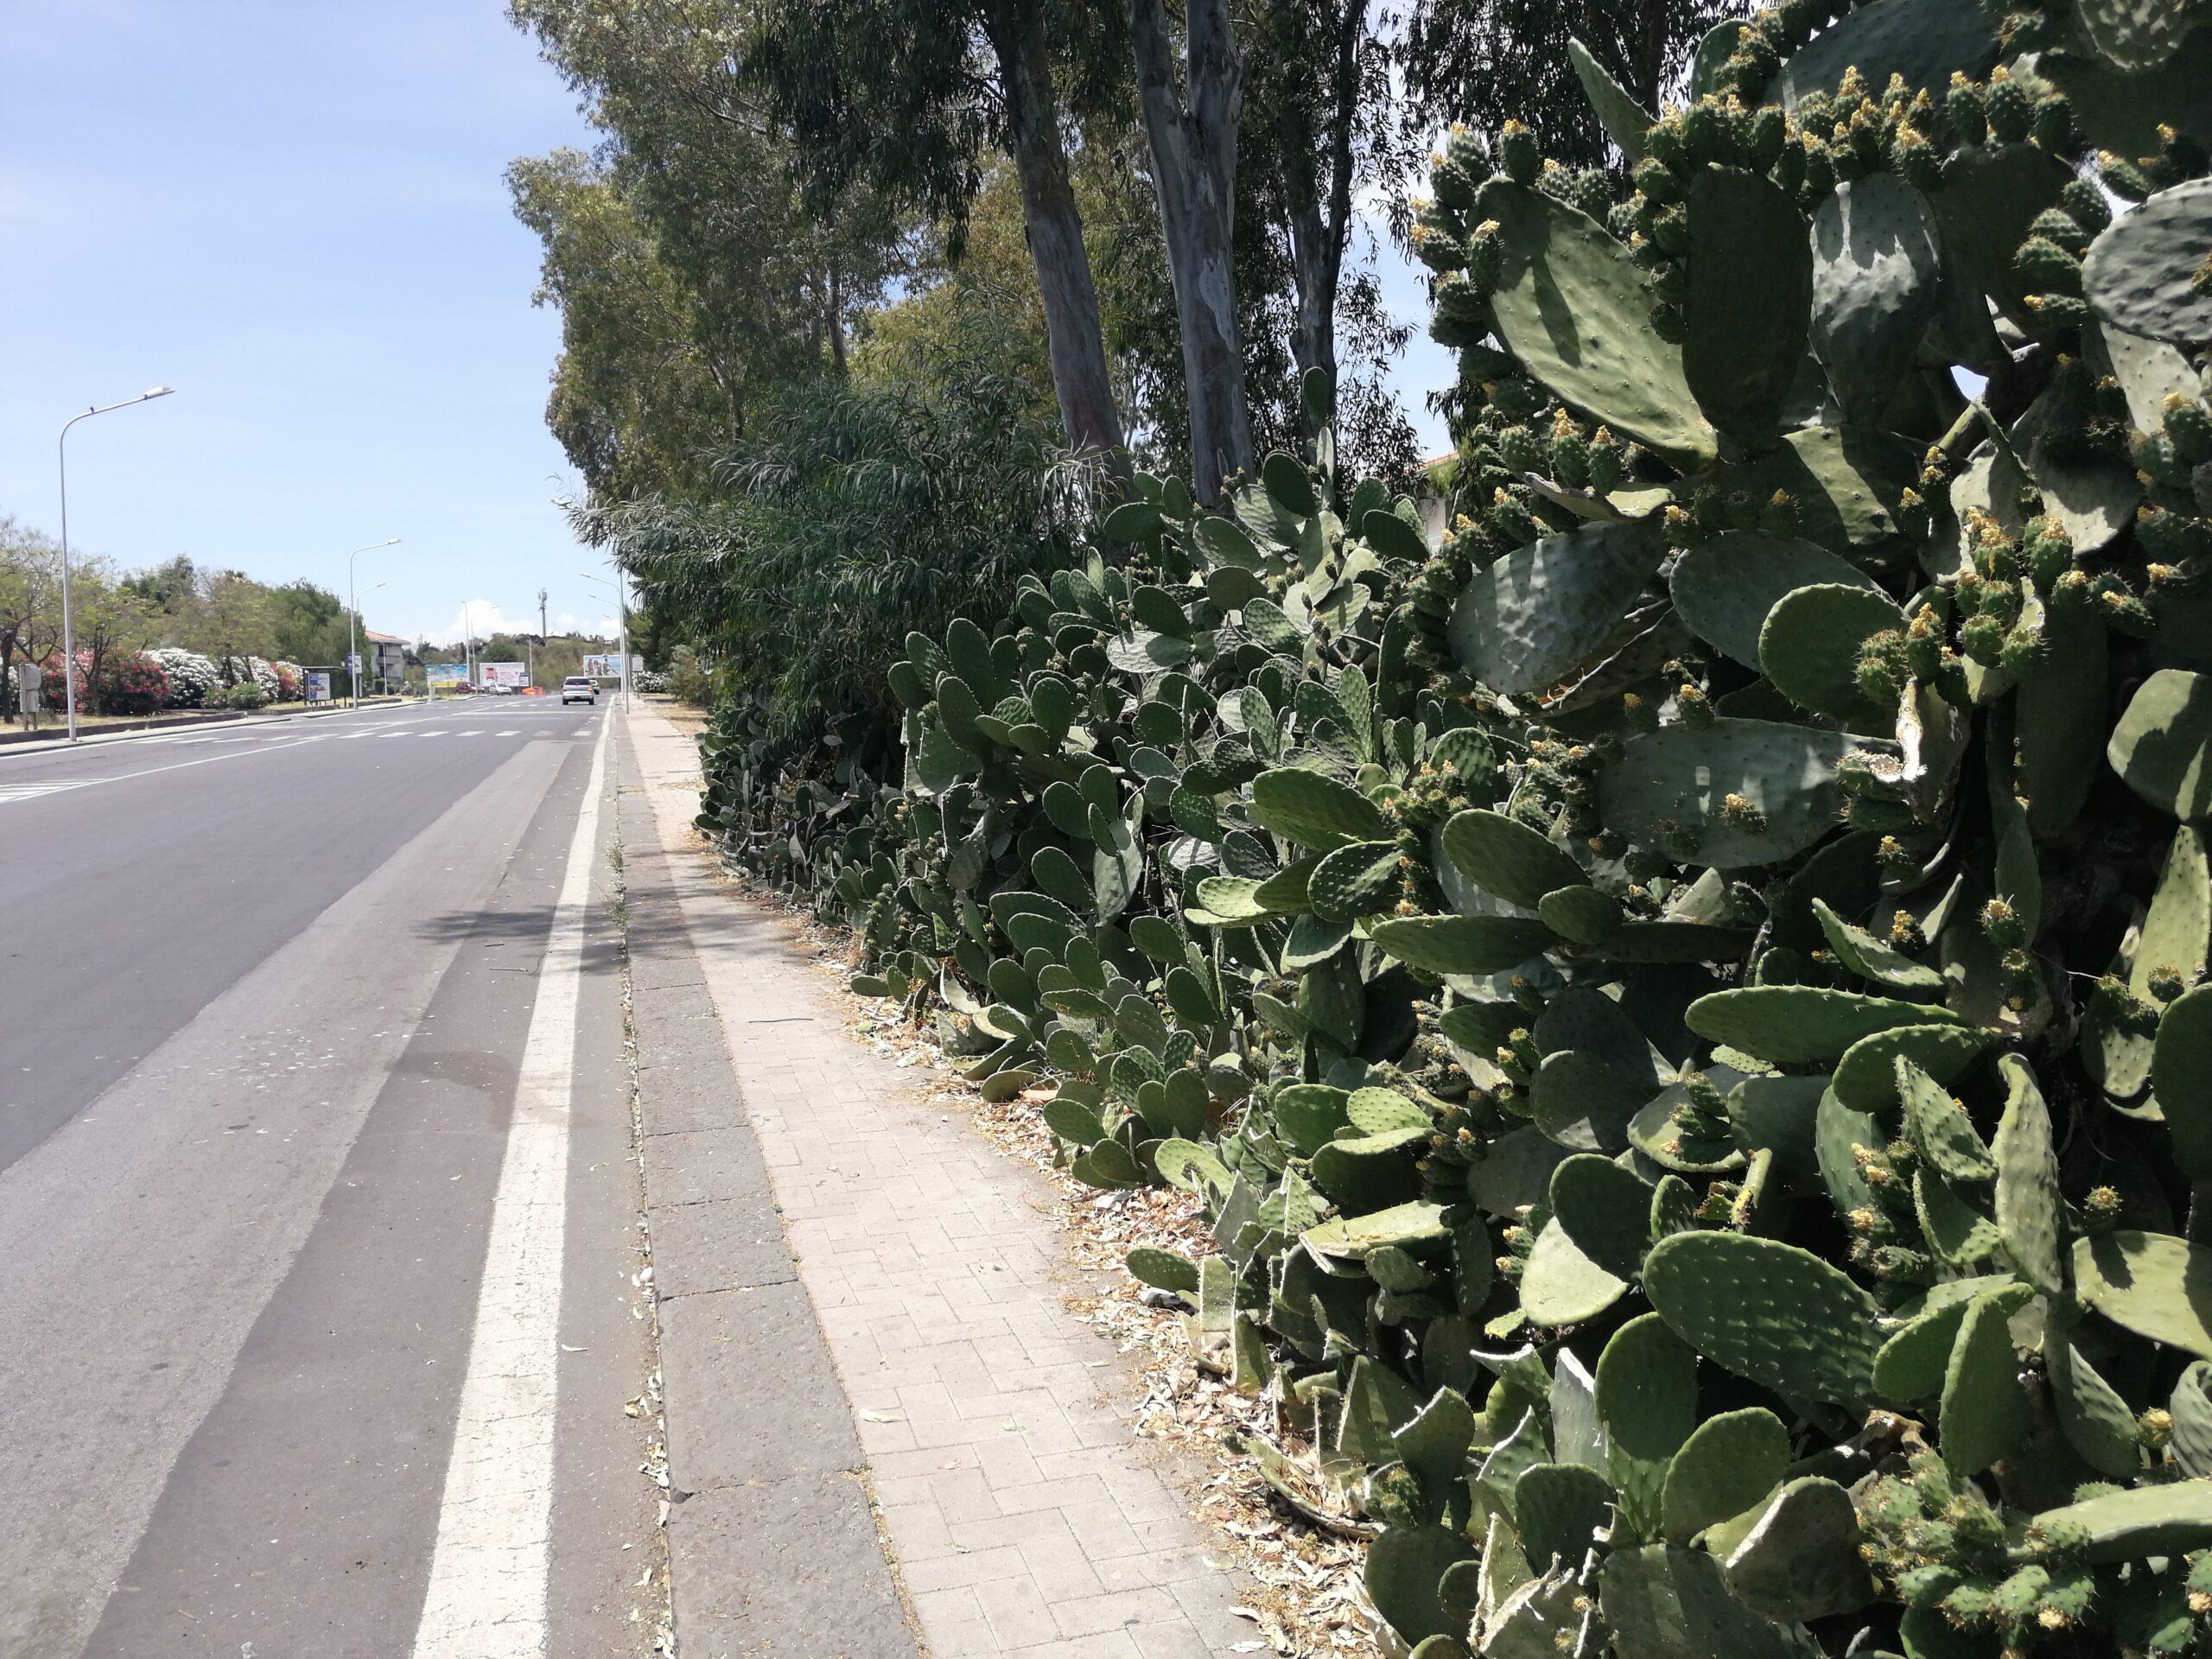 Via Ballo e piazza Ignazio Roberto a Cibali, una sicurezza stradale ancora impossibile